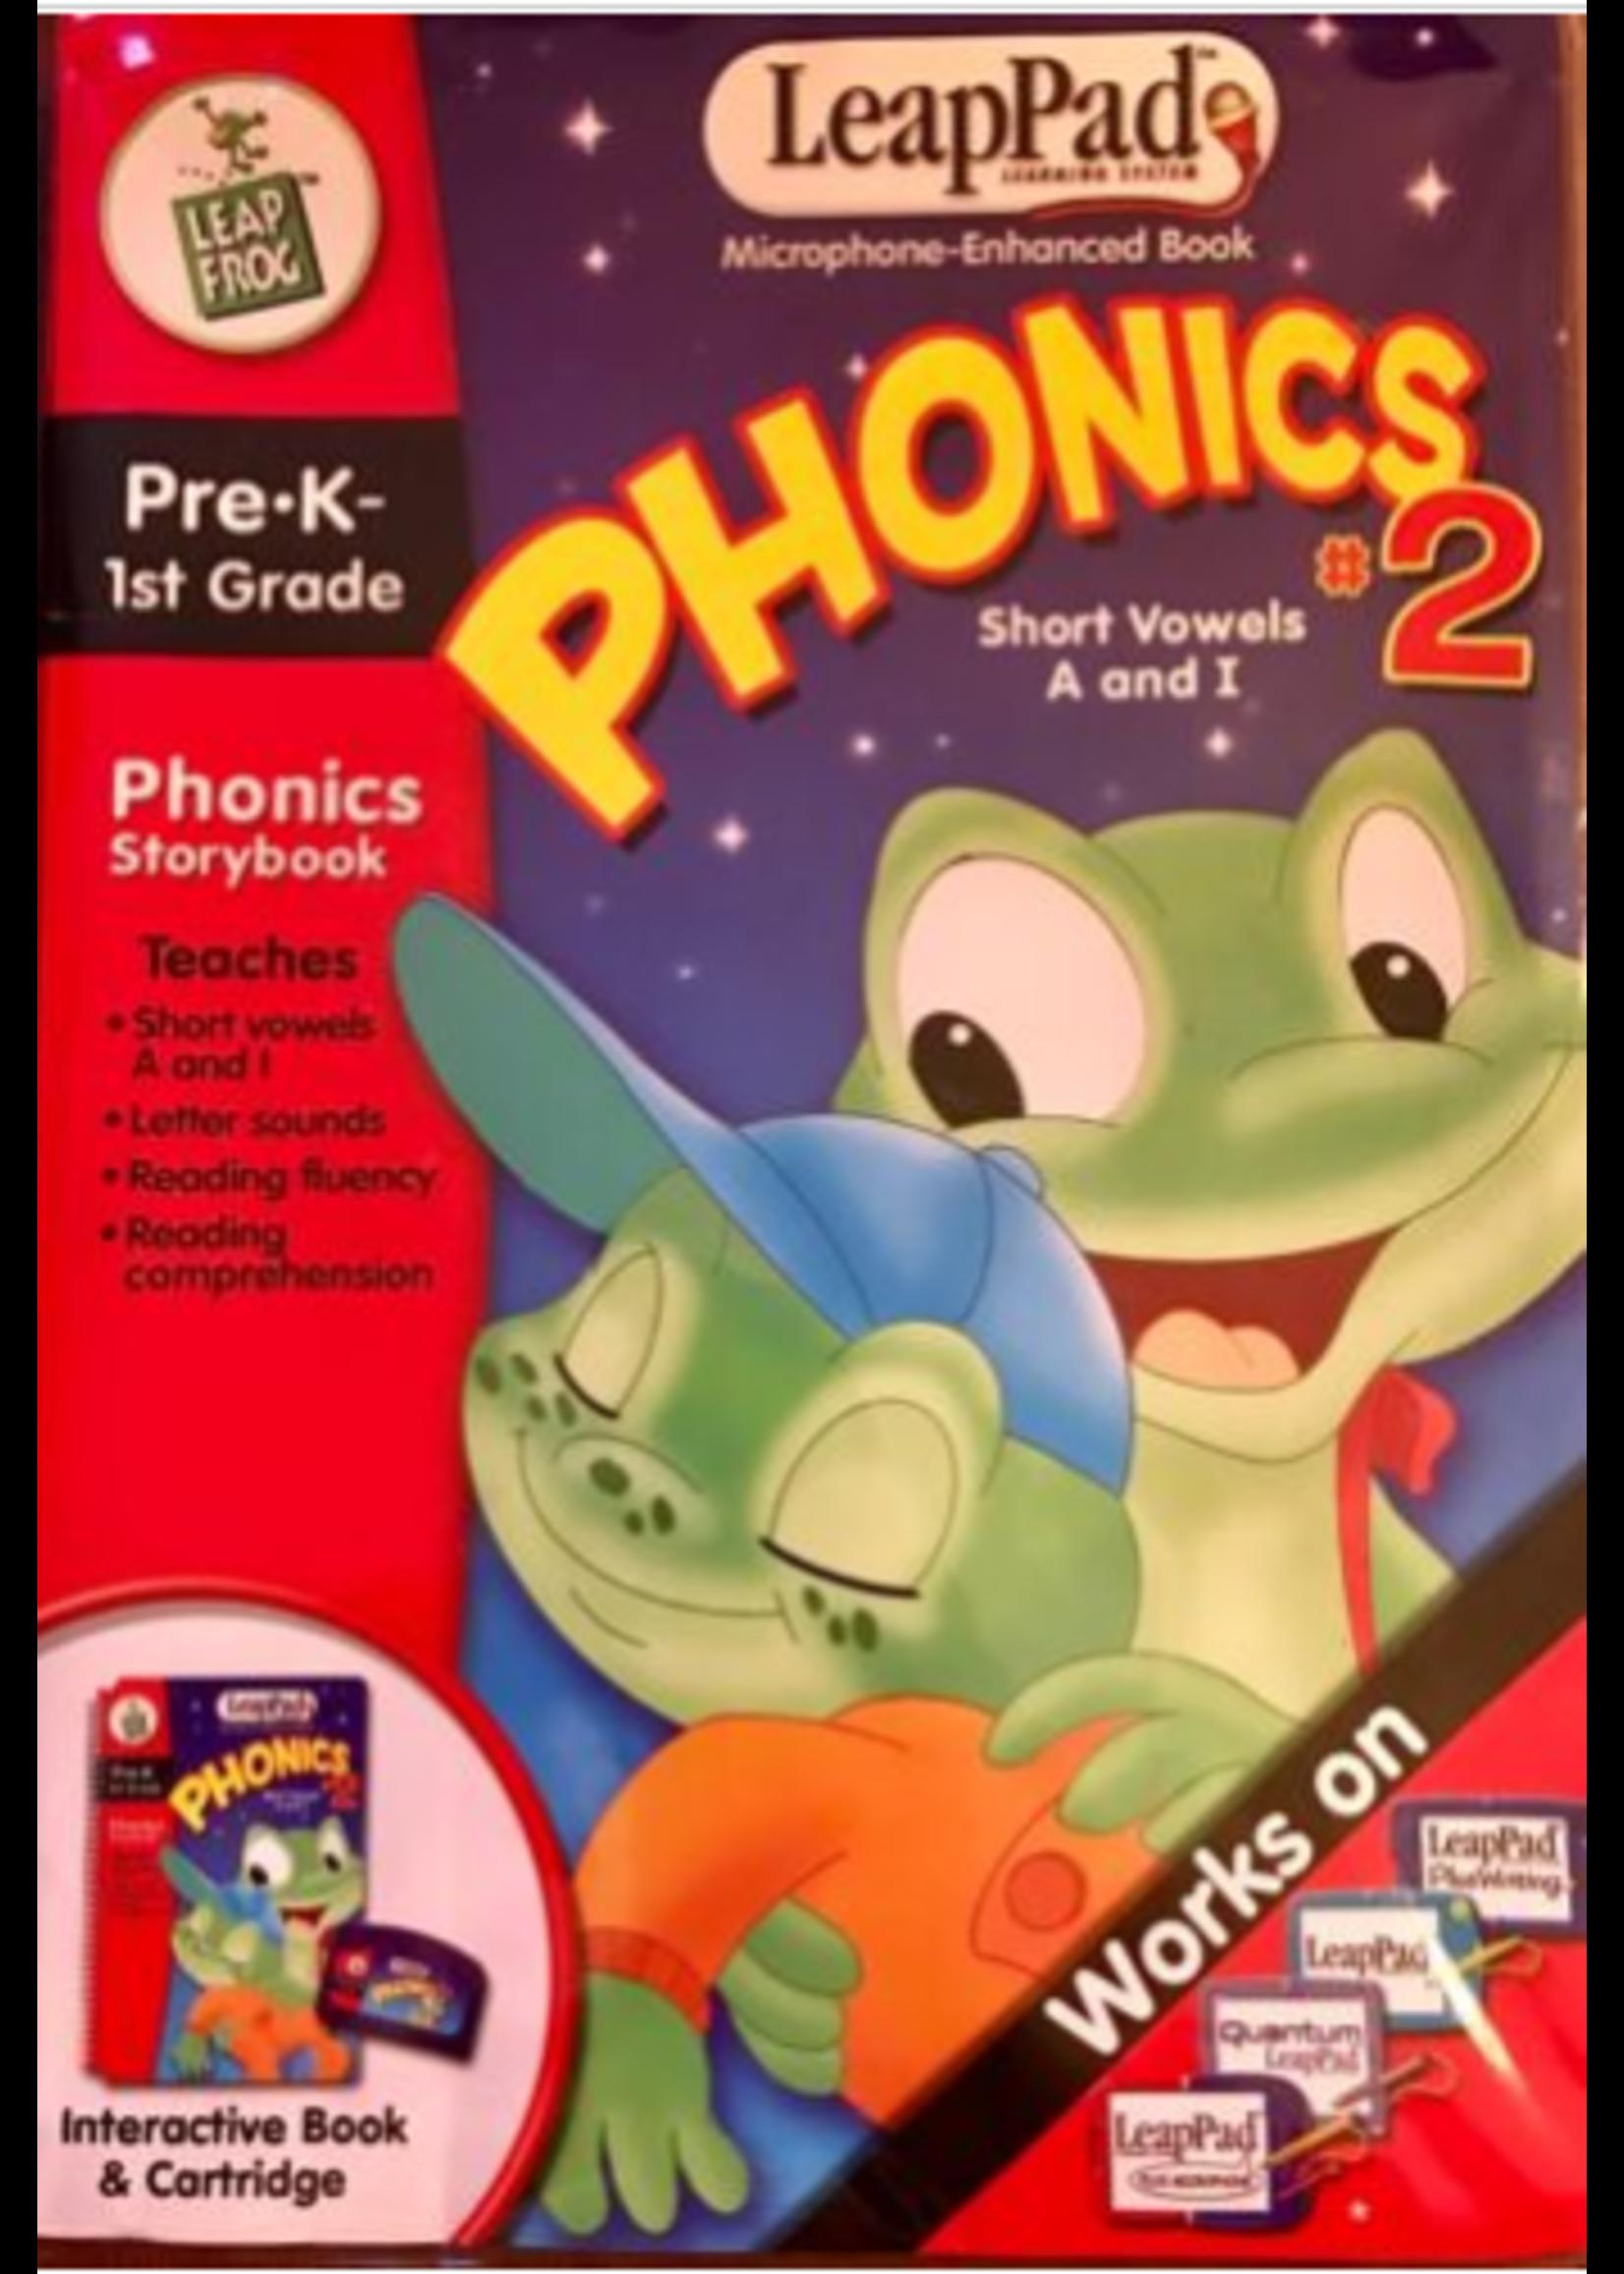 LeapPad phonics 2